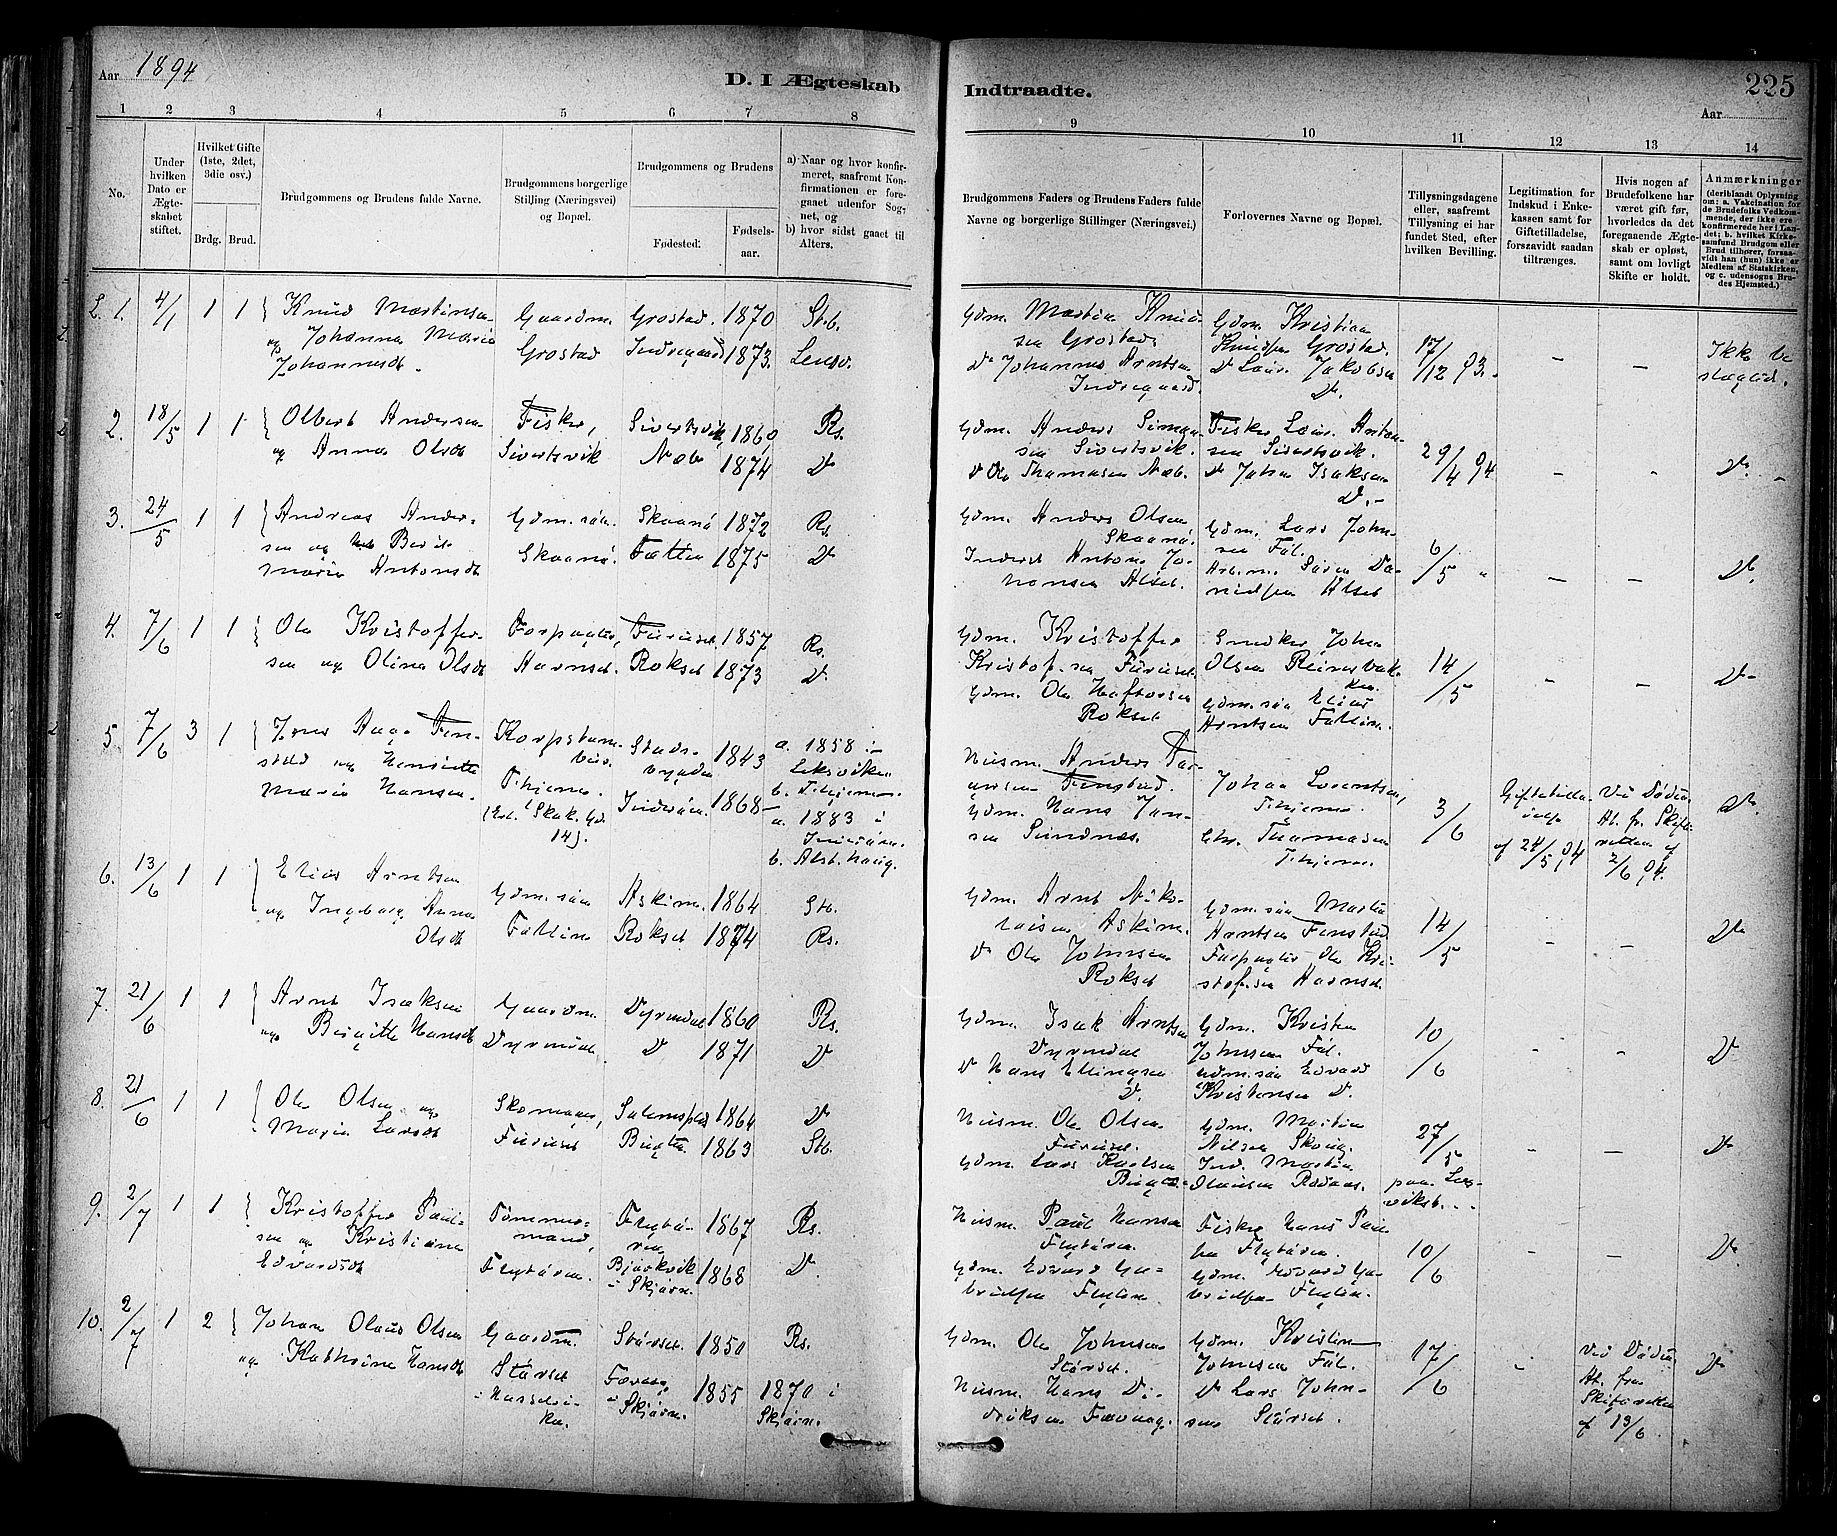 SAT, Ministerialprotokoller, klokkerbøker og fødselsregistre - Sør-Trøndelag, 647/L0634: Ministerialbok nr. 647A01, 1885-1896, s. 225